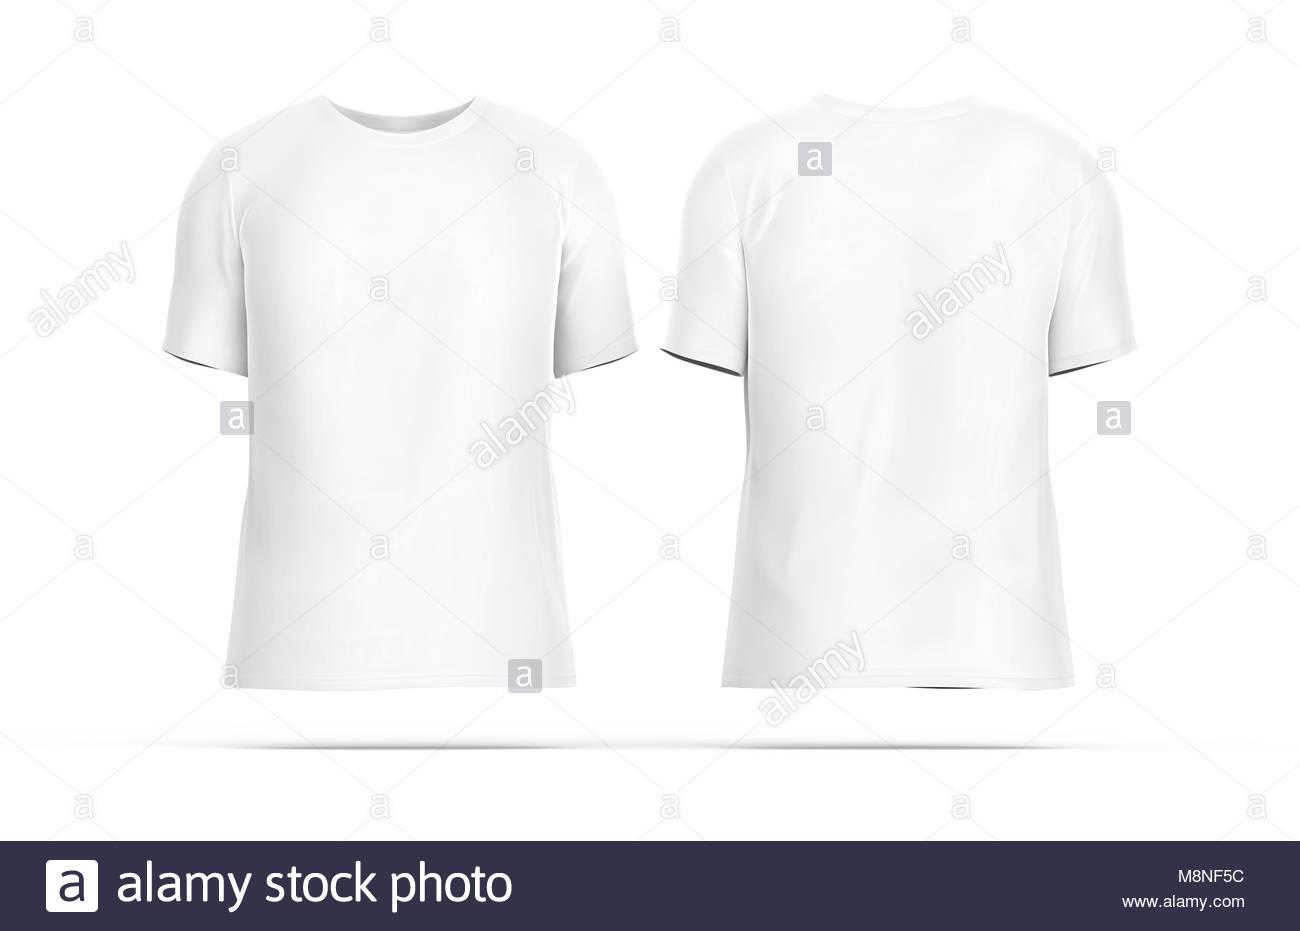 Charmant Shirt Modell Vorlage Ideen - Beispielzusammenfassung Ideen ...